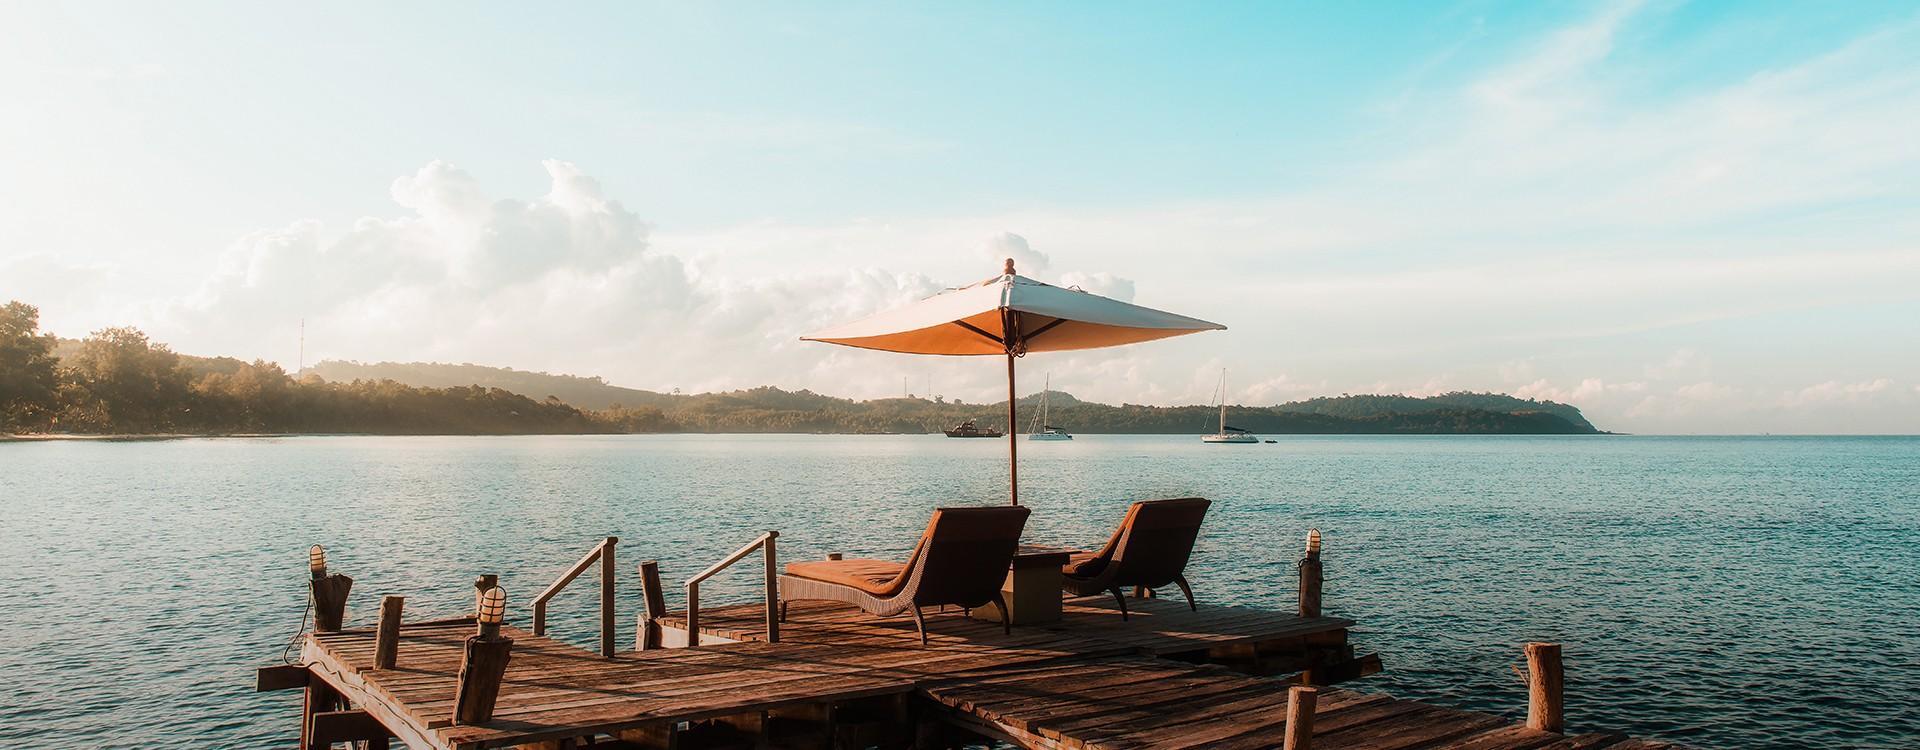 Berbagai Hal yang Bisa Turis Lakukan di Bali Saat Nyepi